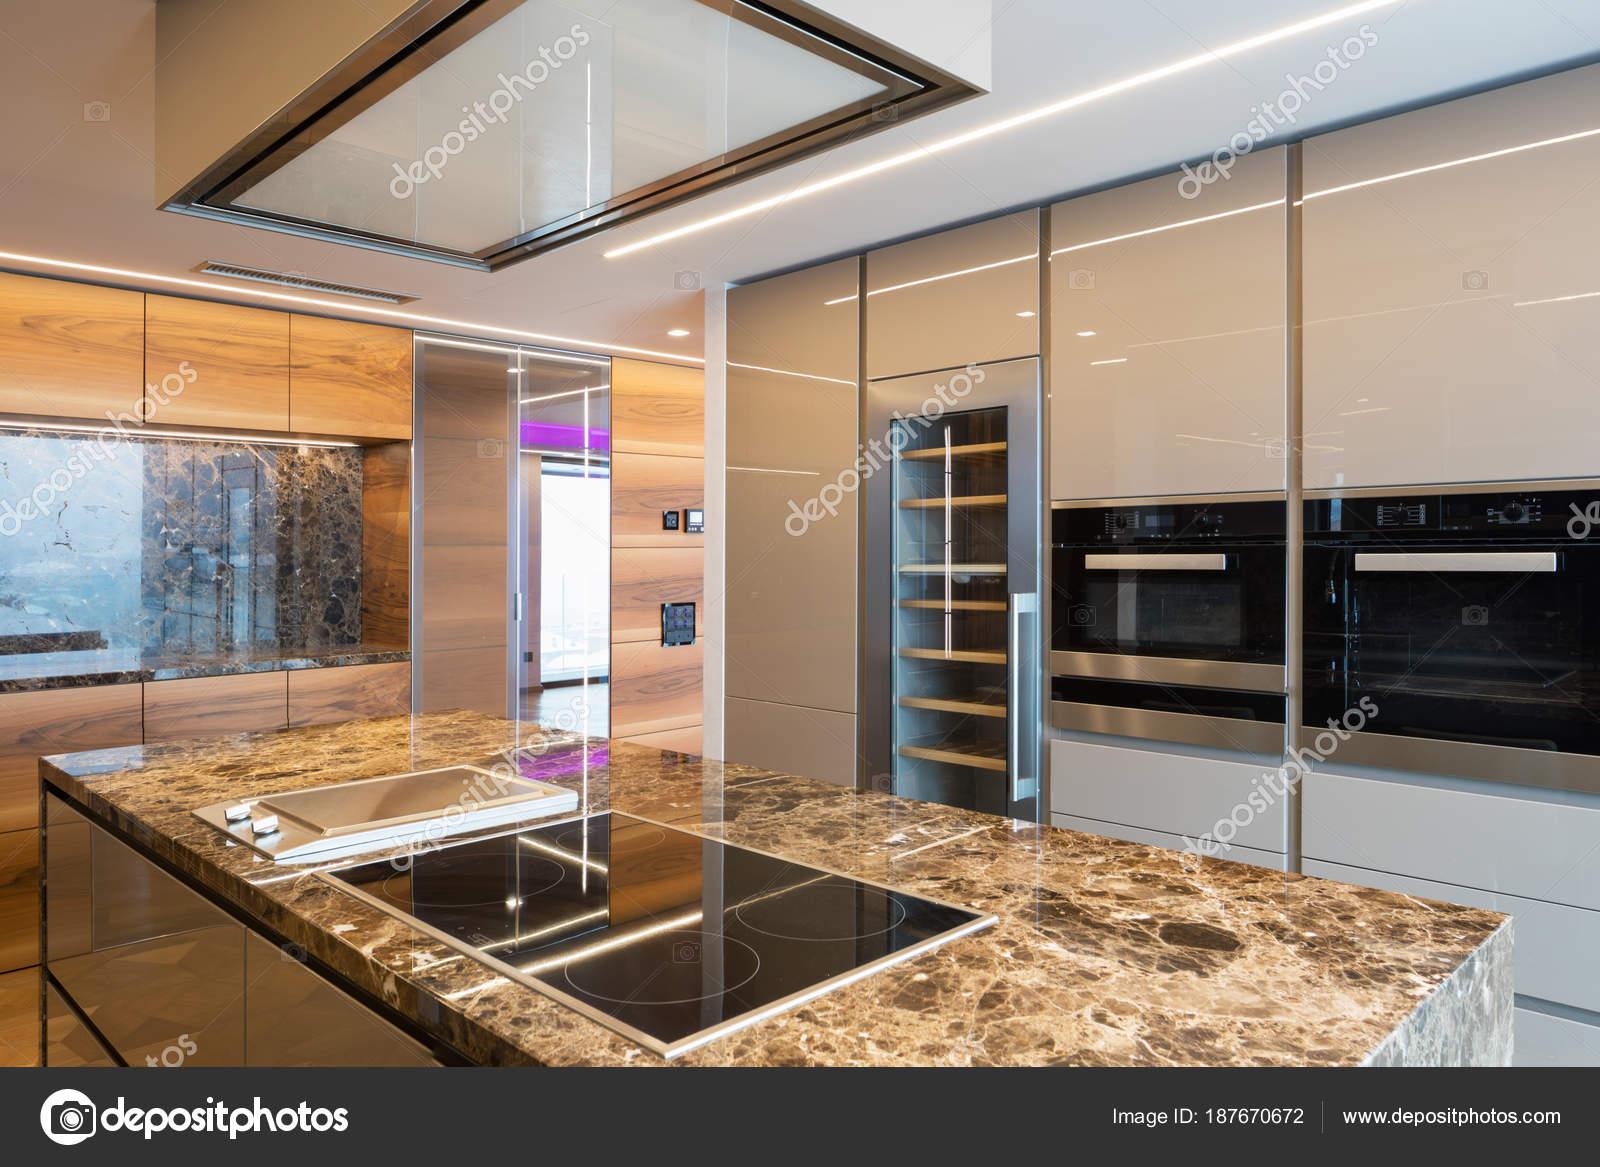 Moderna Cozinha Em M Rmore Com Ilha Stock Photo Zveiger 187670672